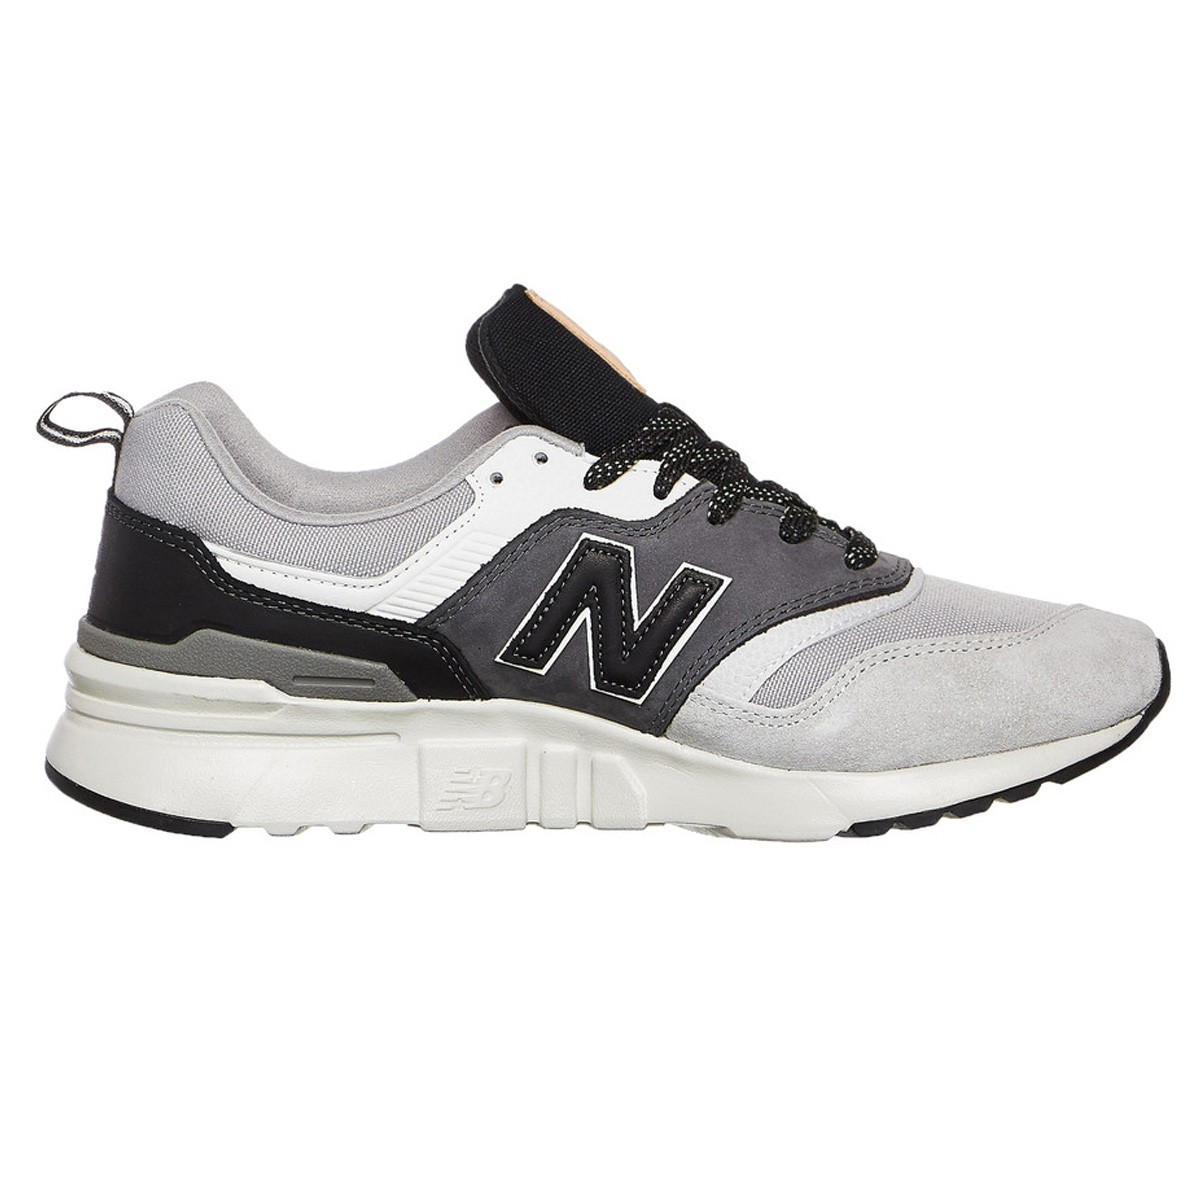 Tênis New Balance 997 Masculino